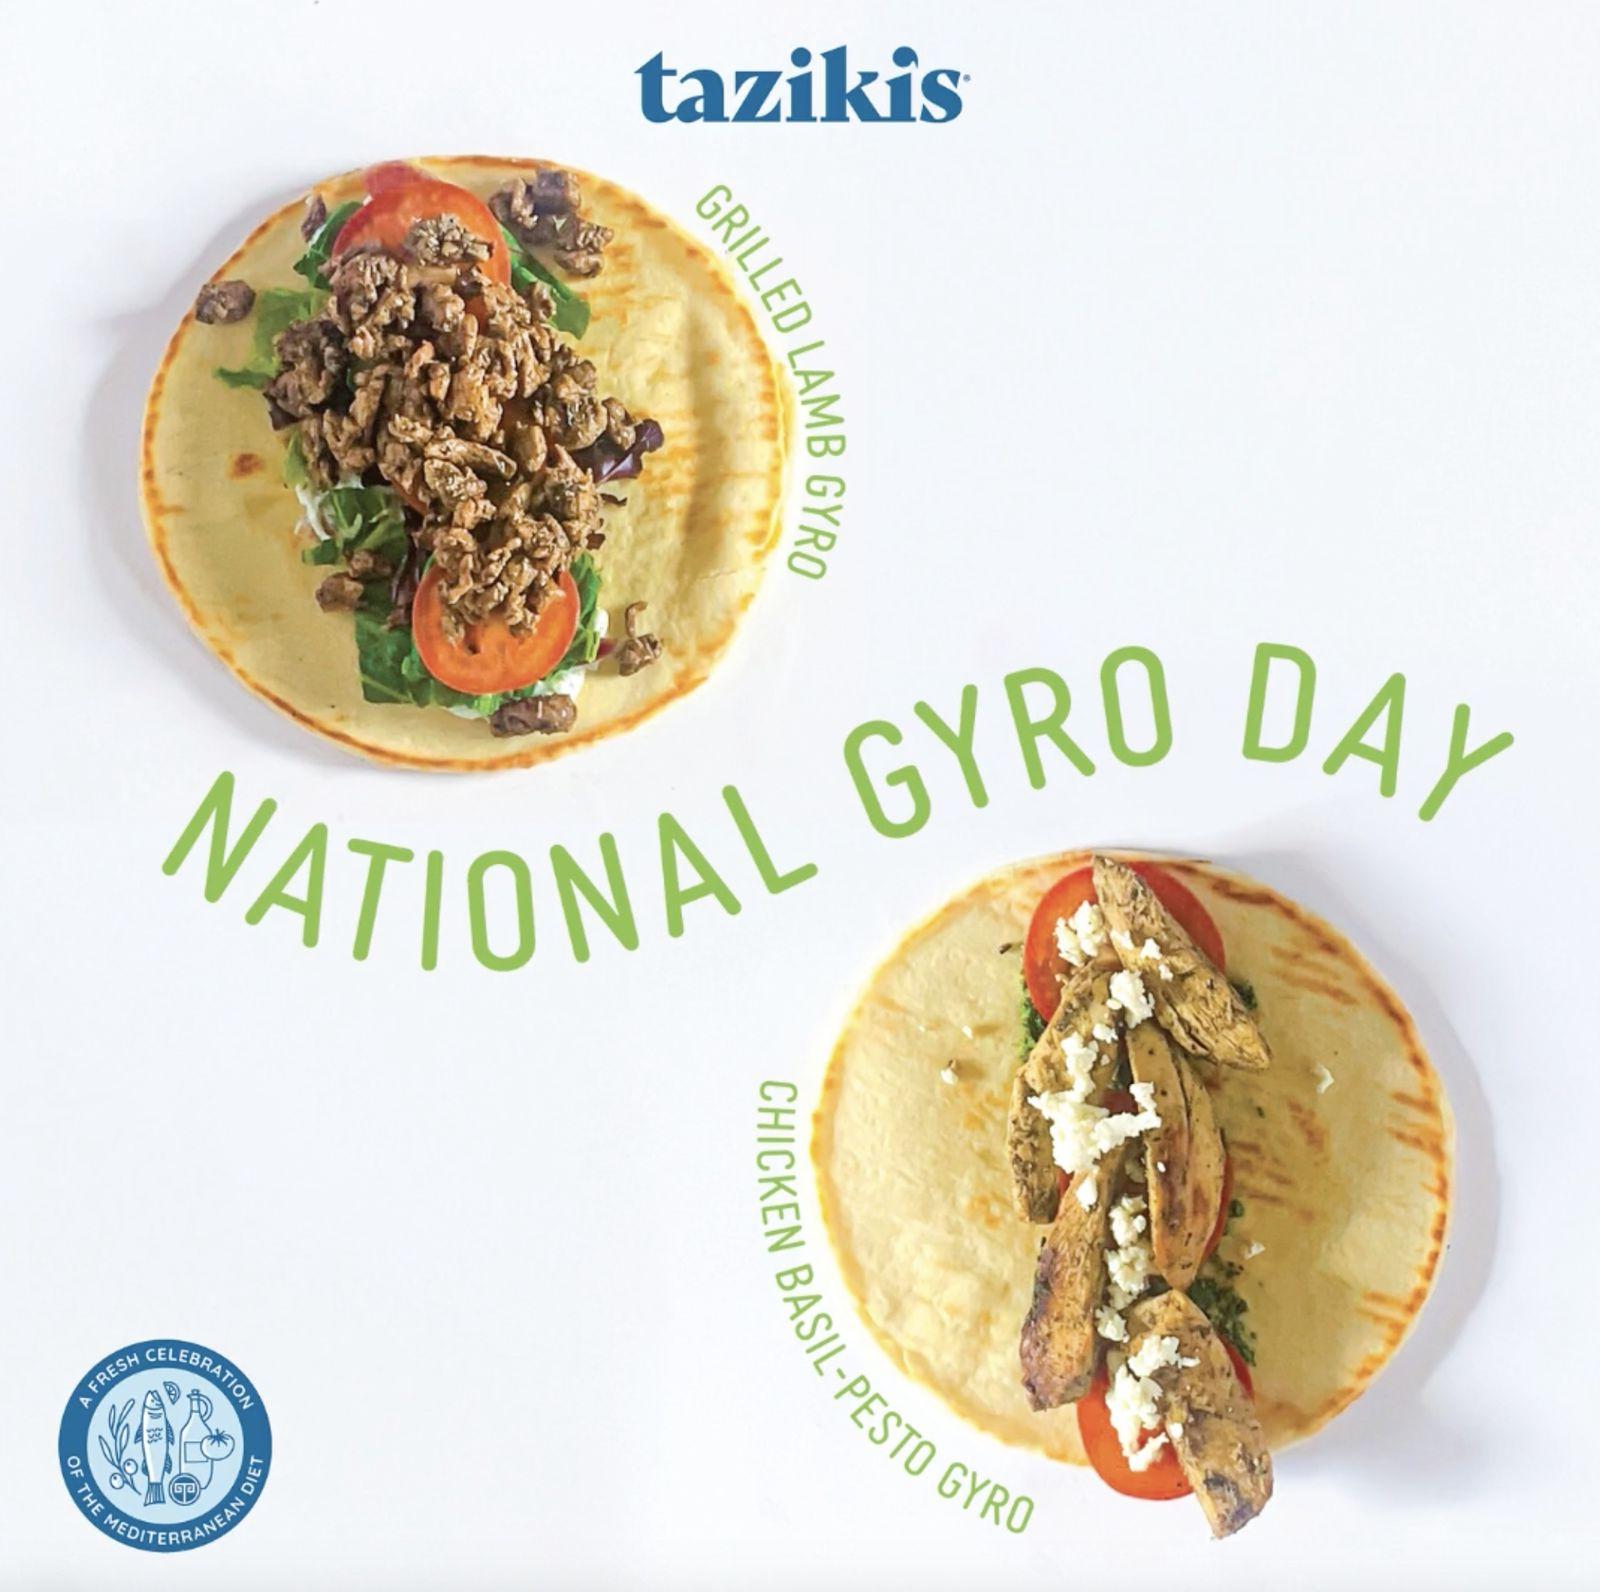 Le Café méditerranéen de Taziki célèbre la Journée nationale du gyroscope en encourageant les clients à voter en passant des commandes